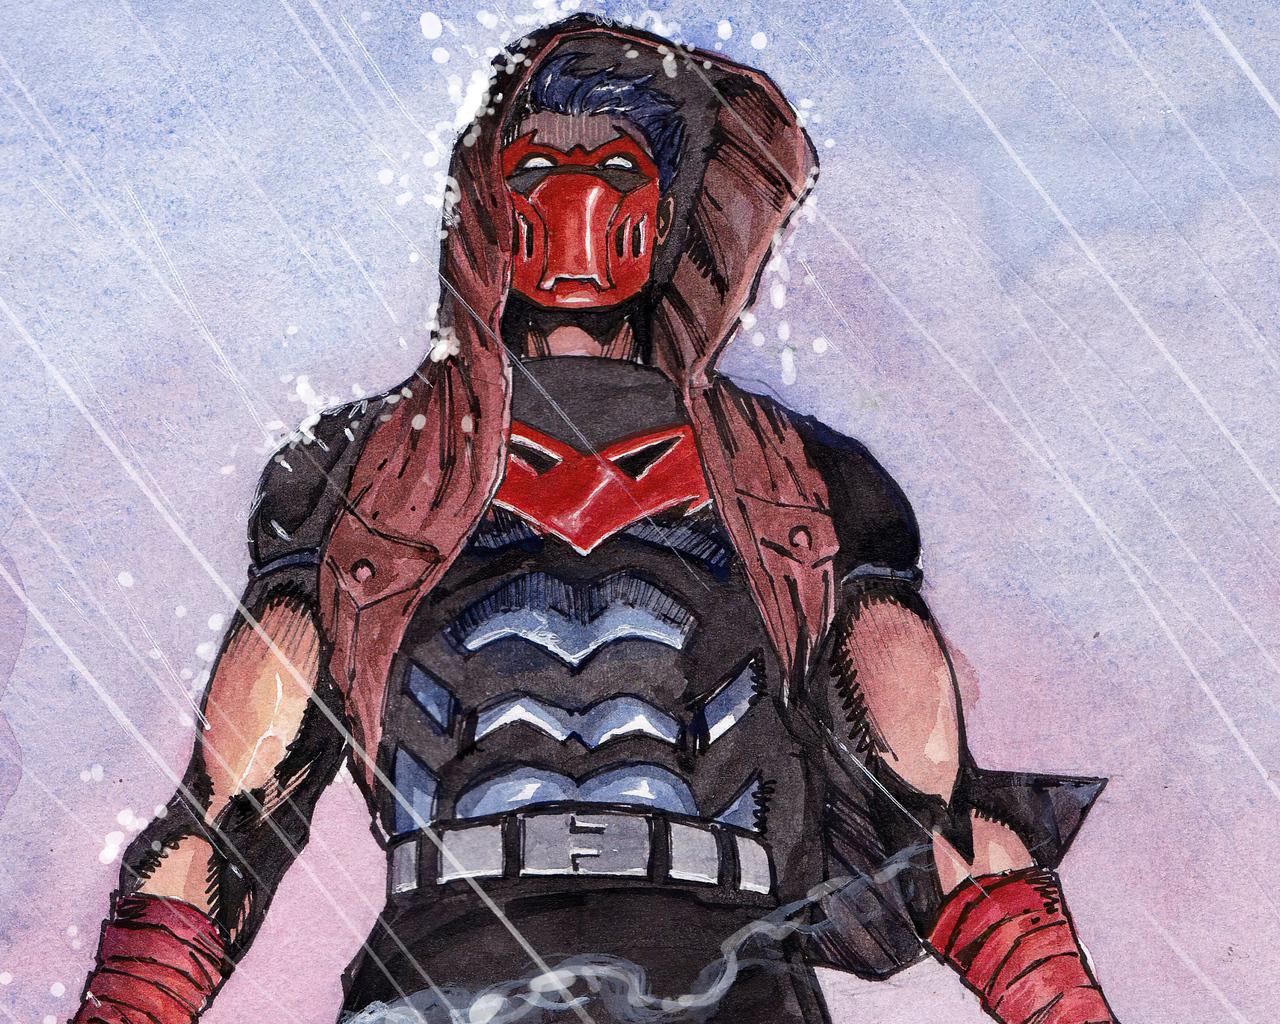 red-hood-comic-art-4k-bv.jpg